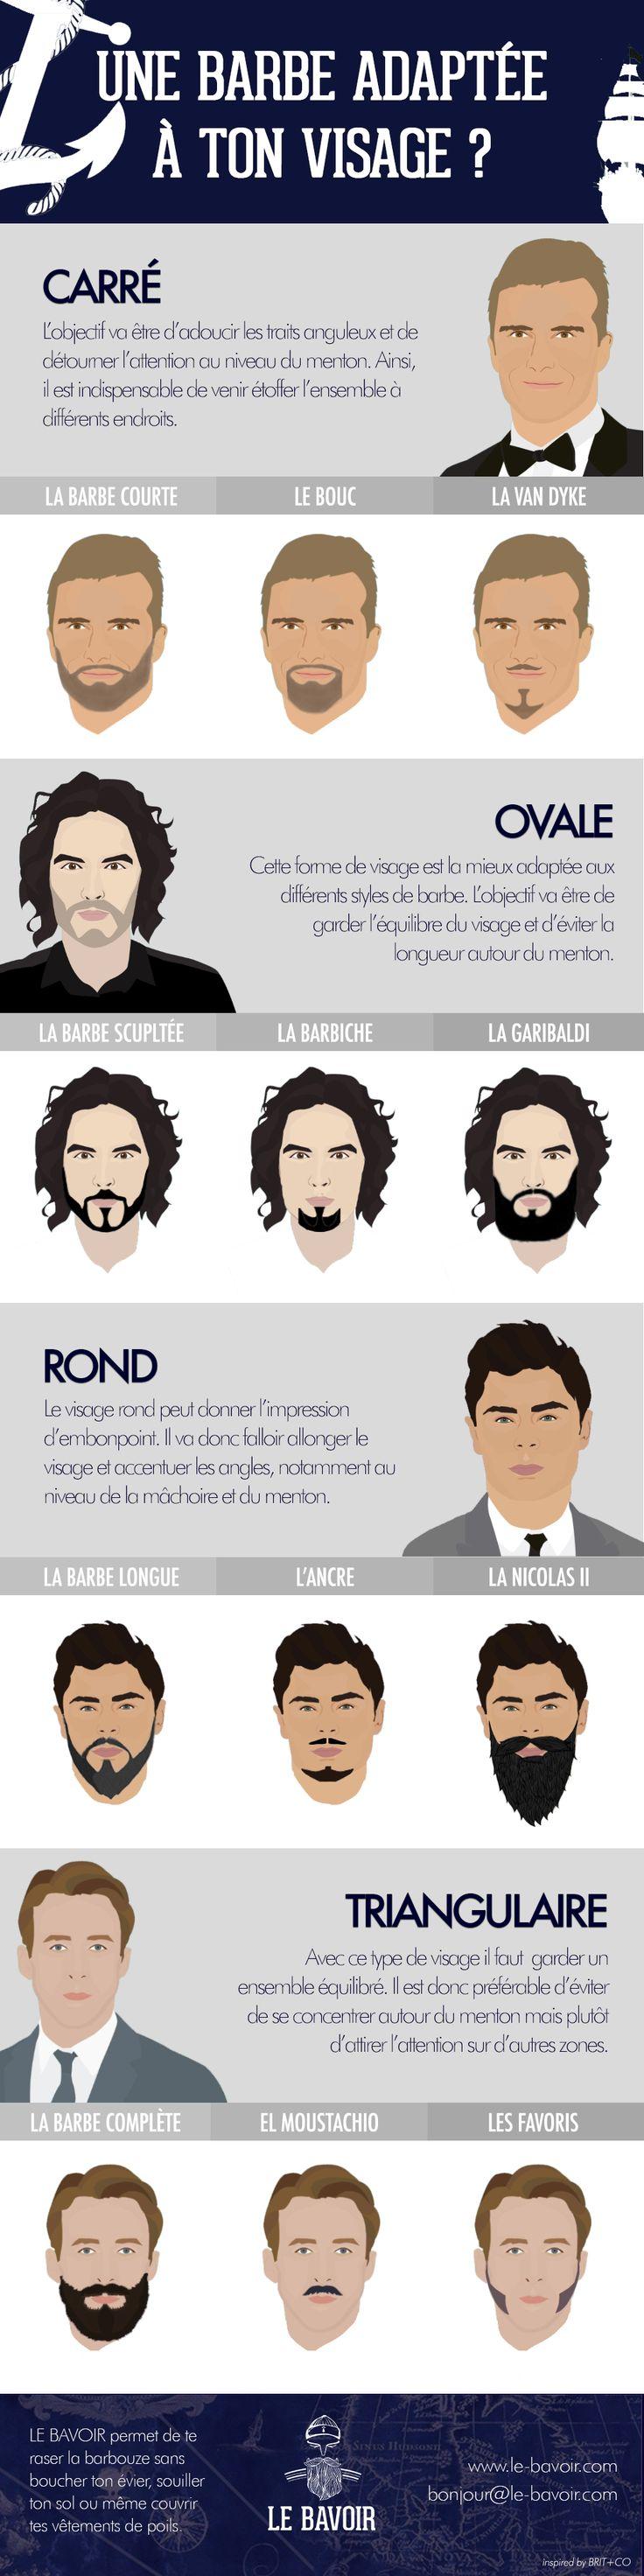 Ta barbe est-elle adaptée à ta fimousse de jeune flibustier ? #lebavoir